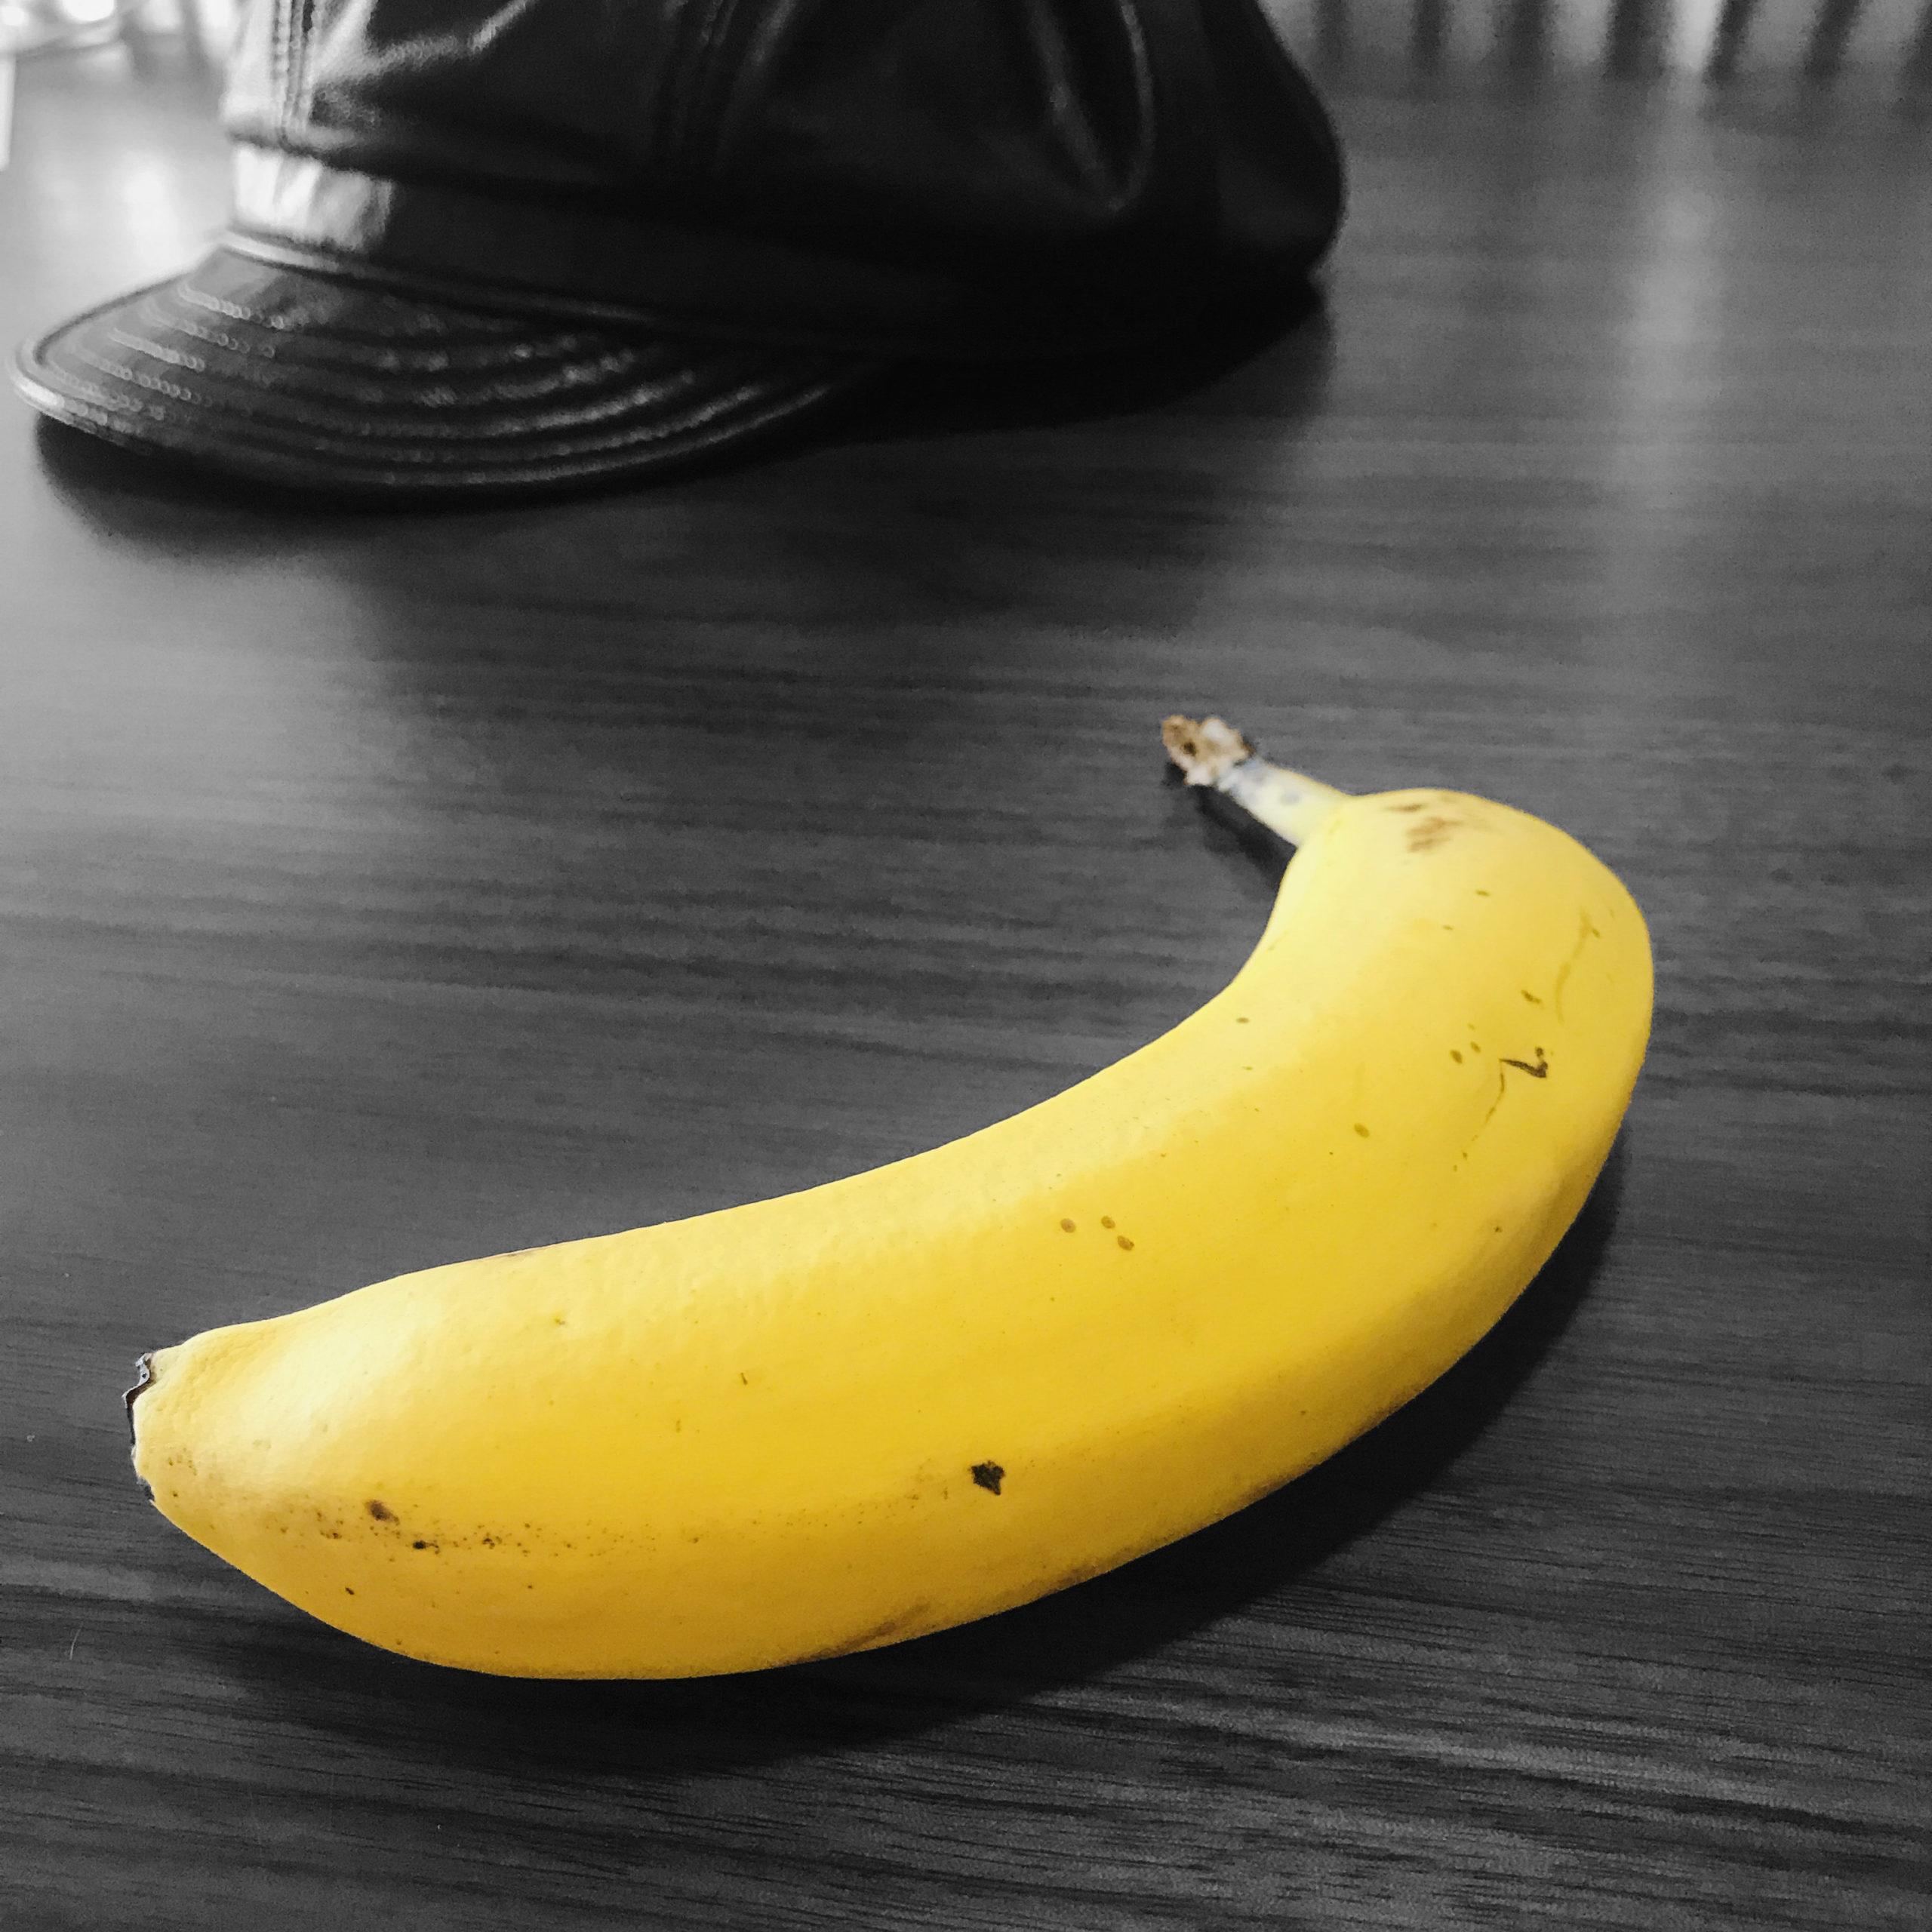 いちまつ君がバナナを食べる理由